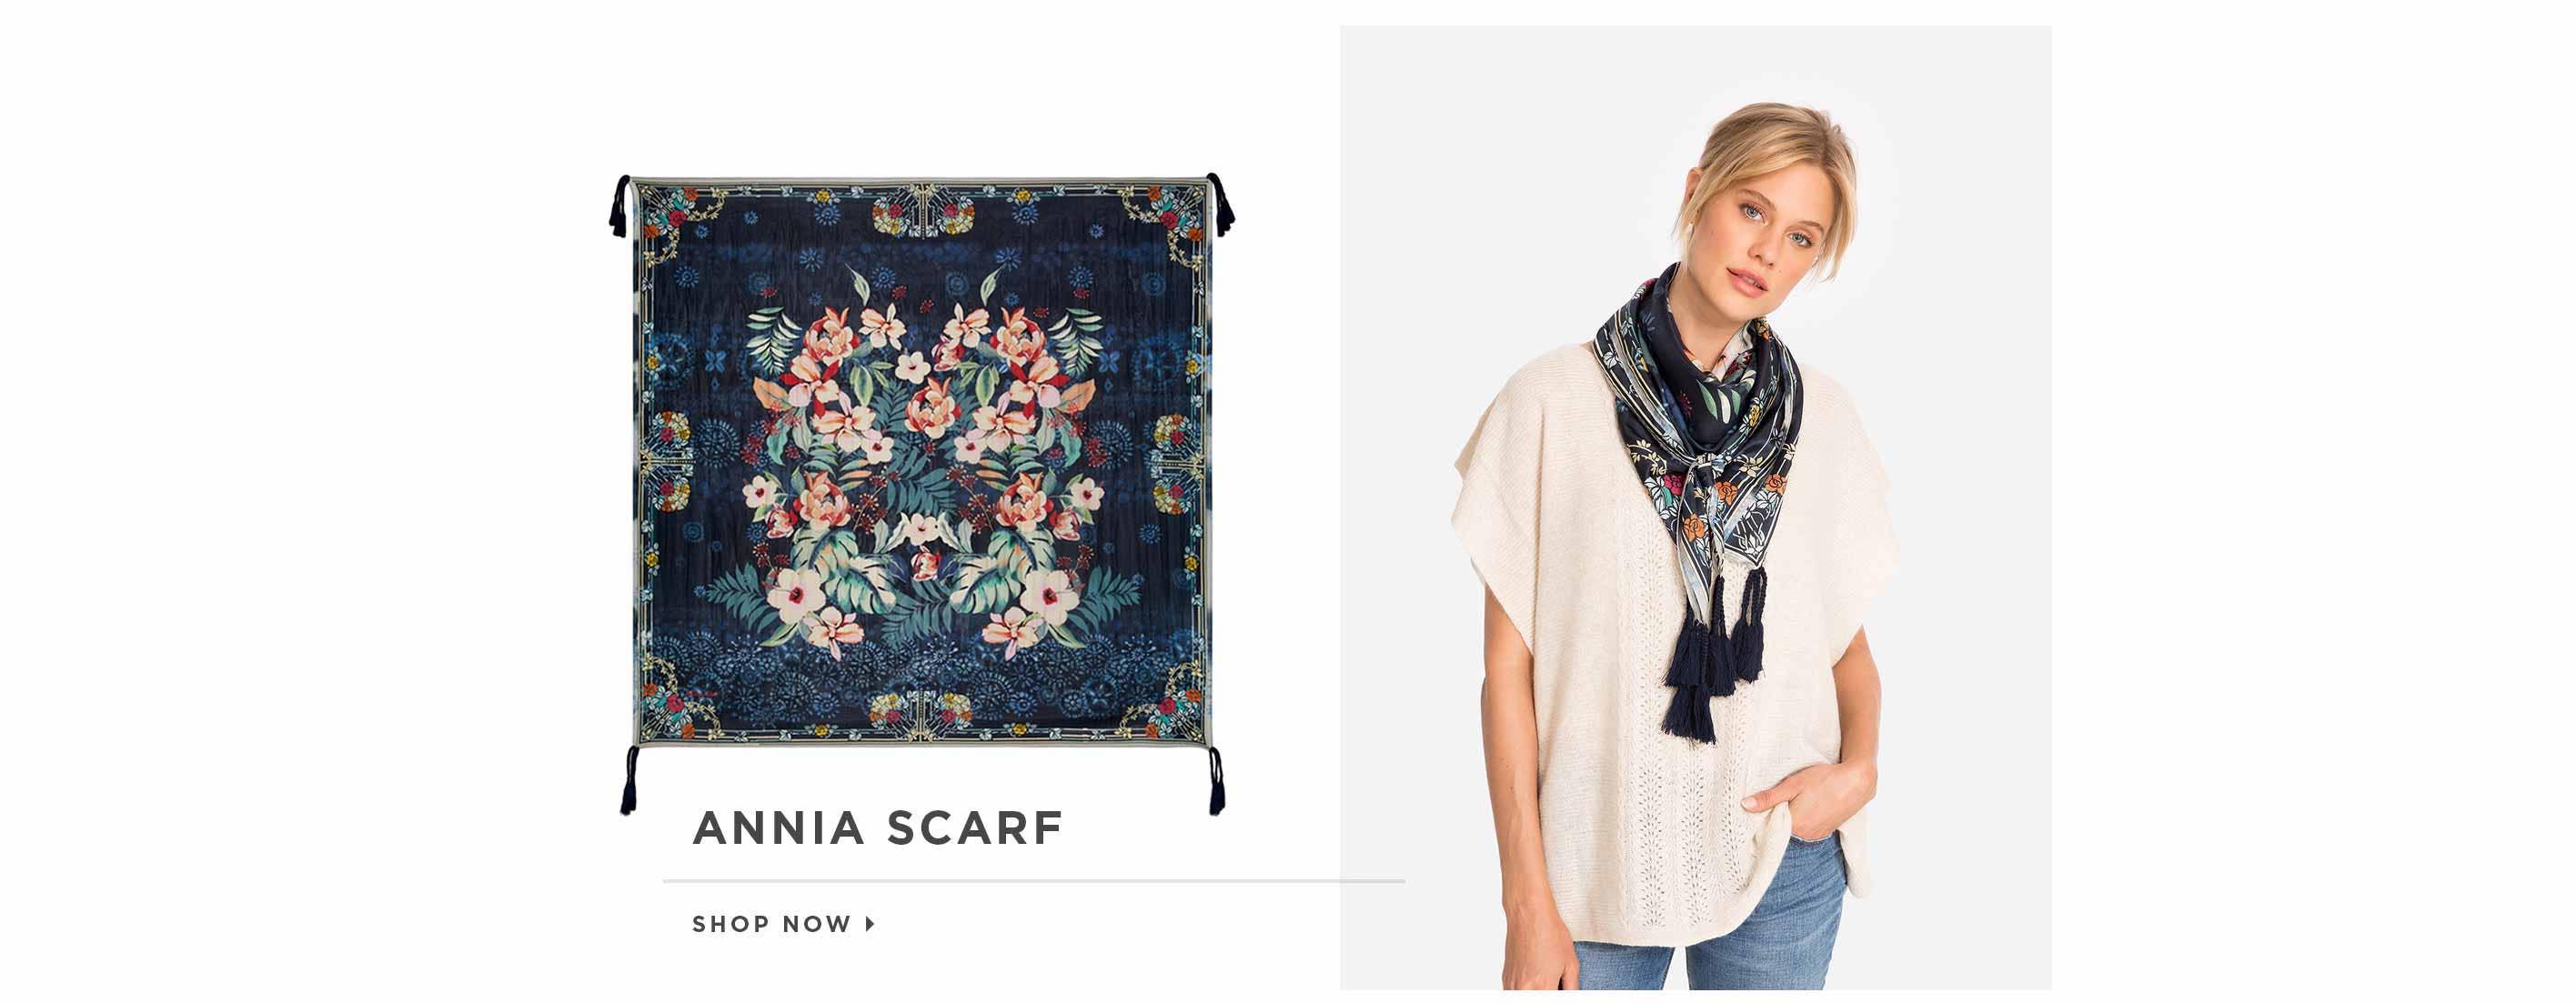 Annia Scarf. Shop now.